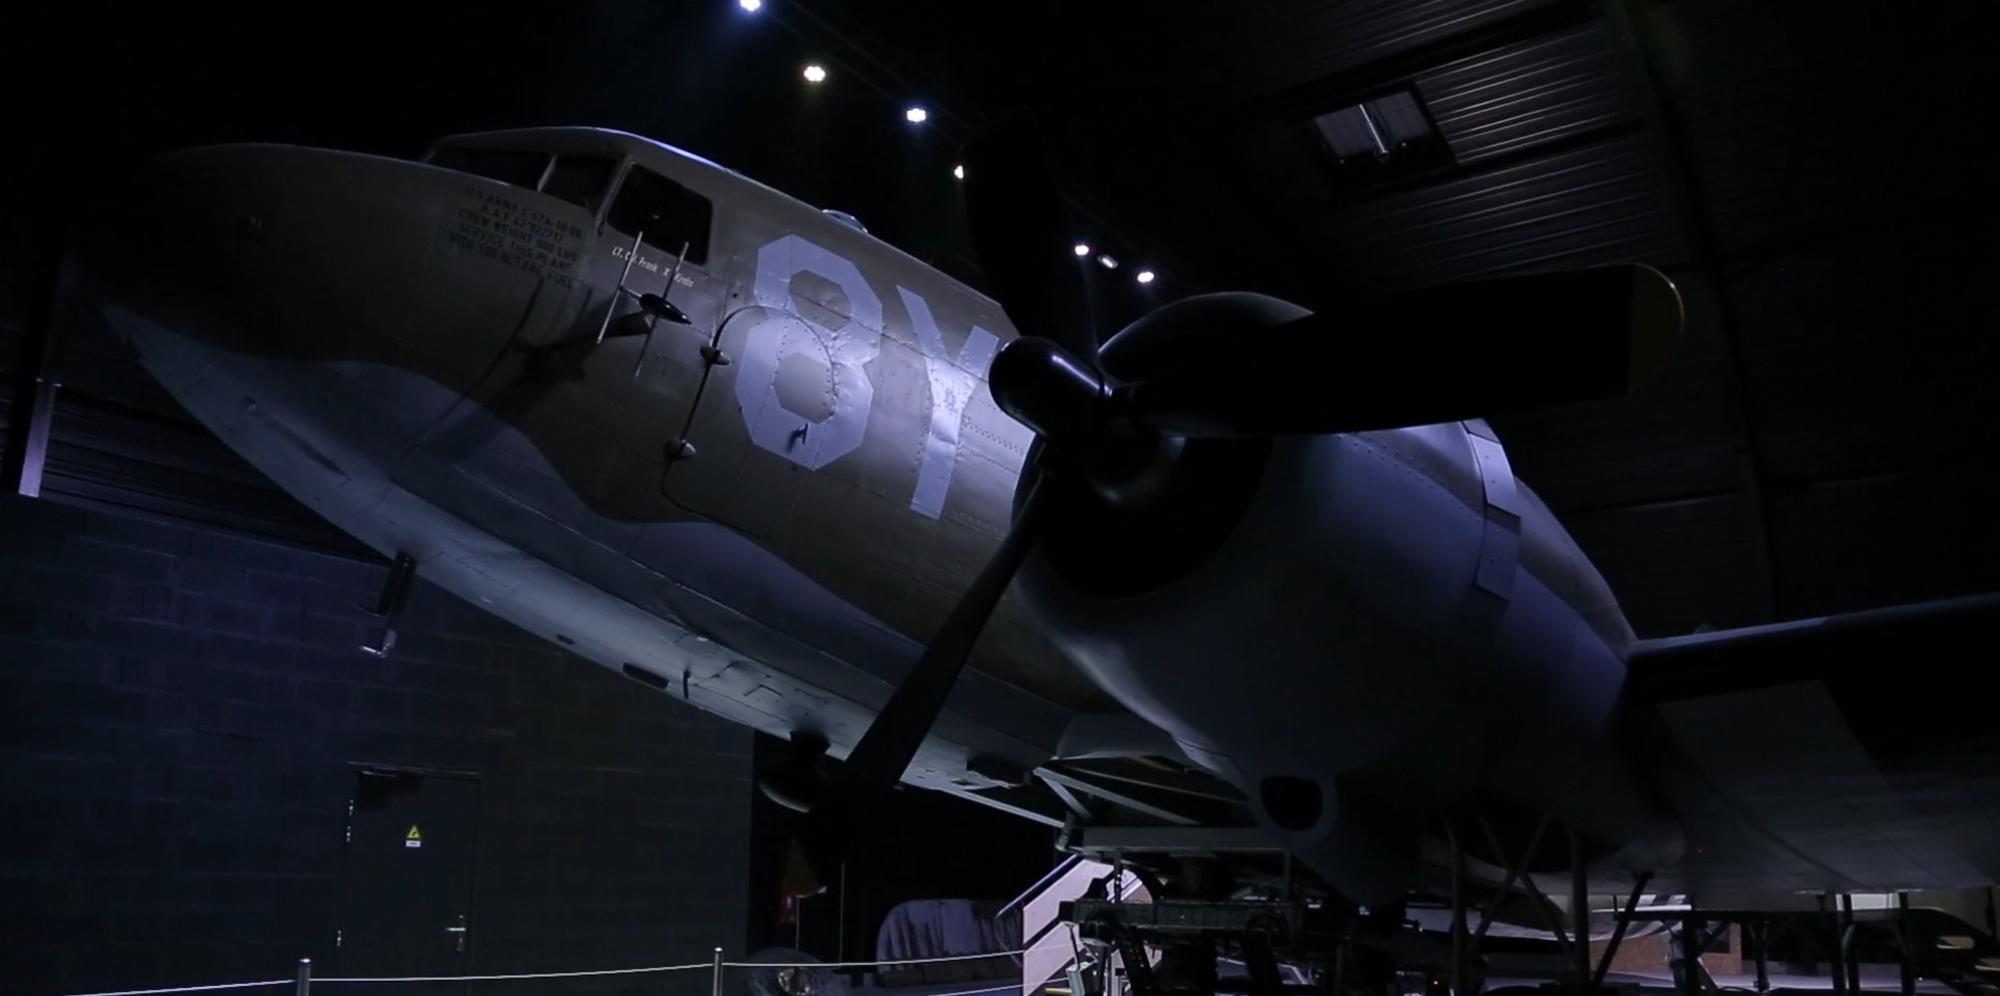 plane-dark